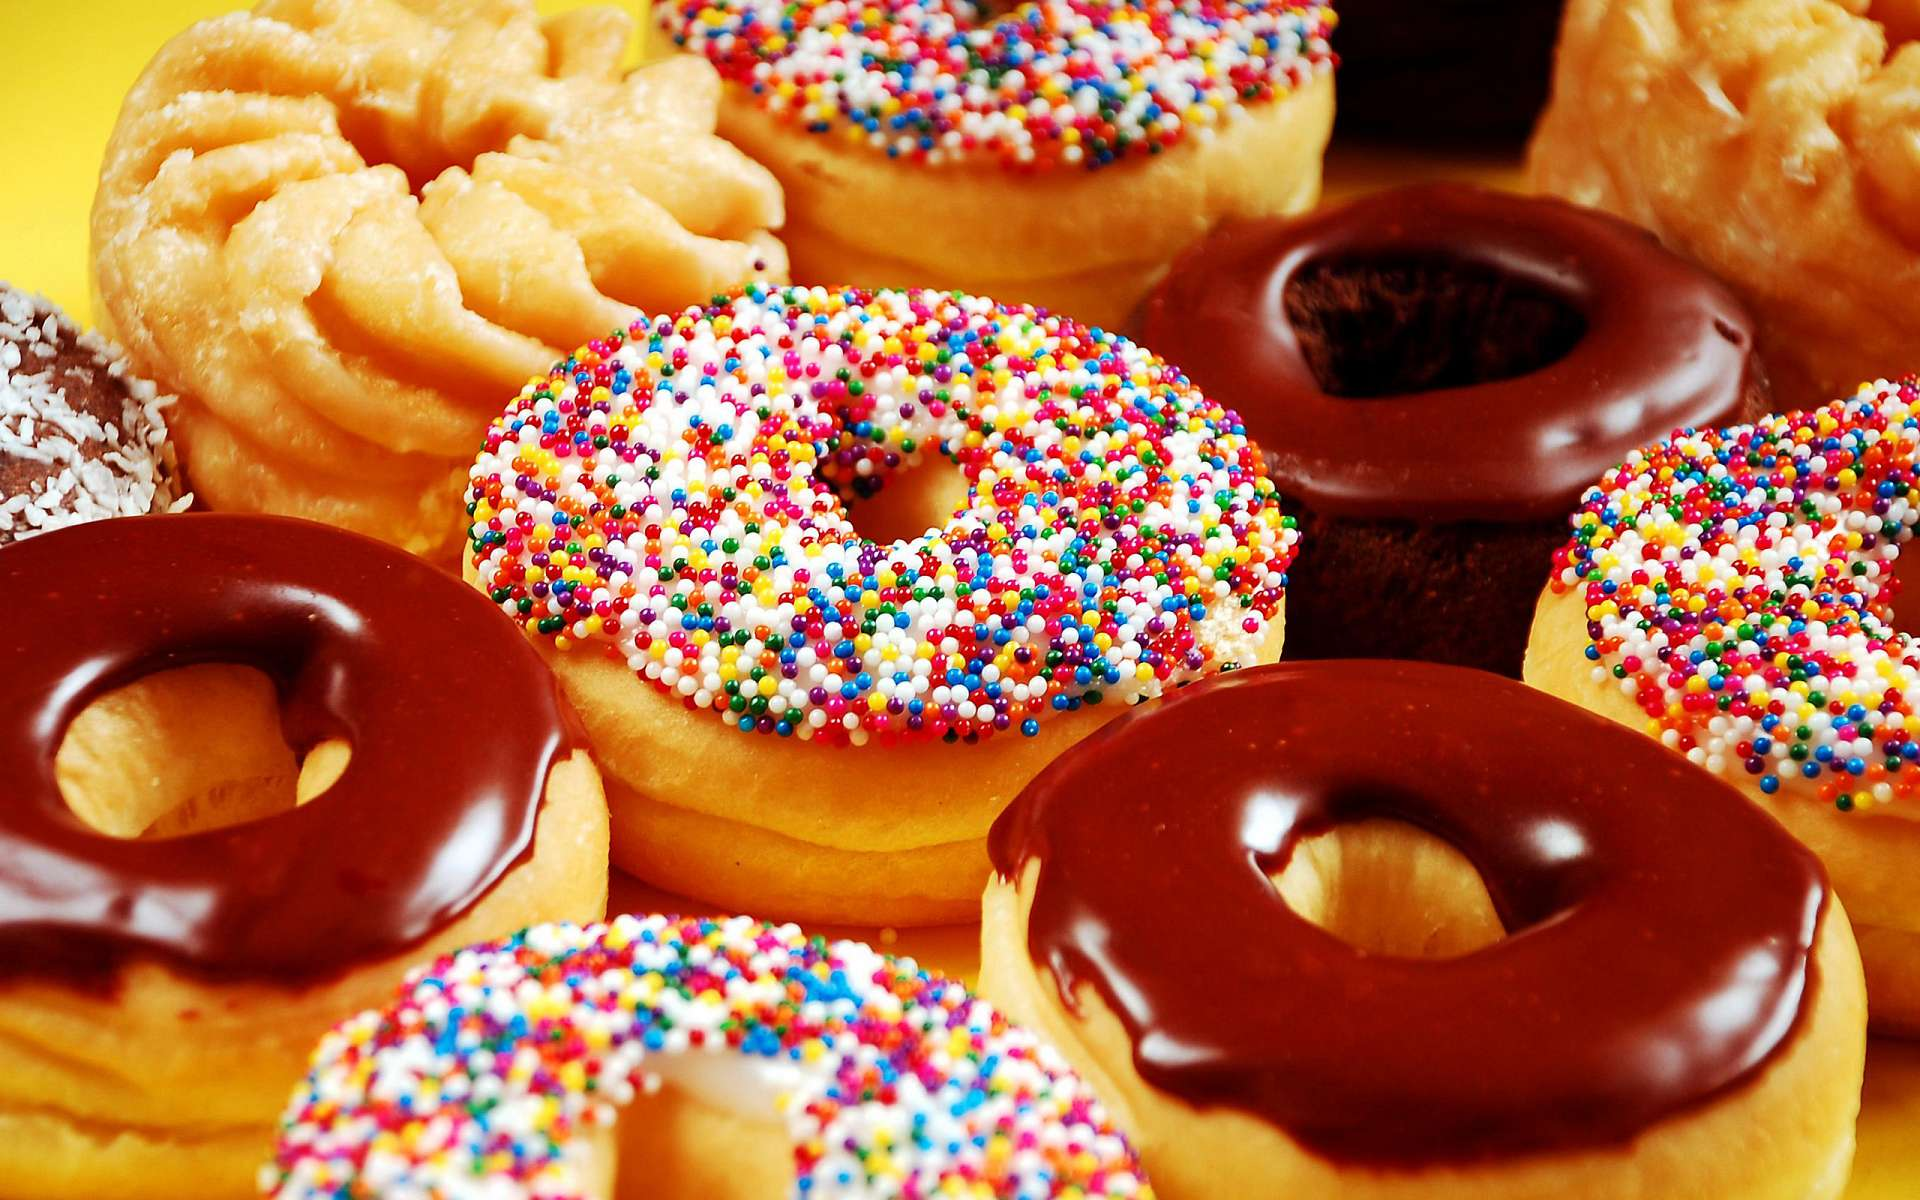 Пончик в белой глазури  № 3681757 без смс